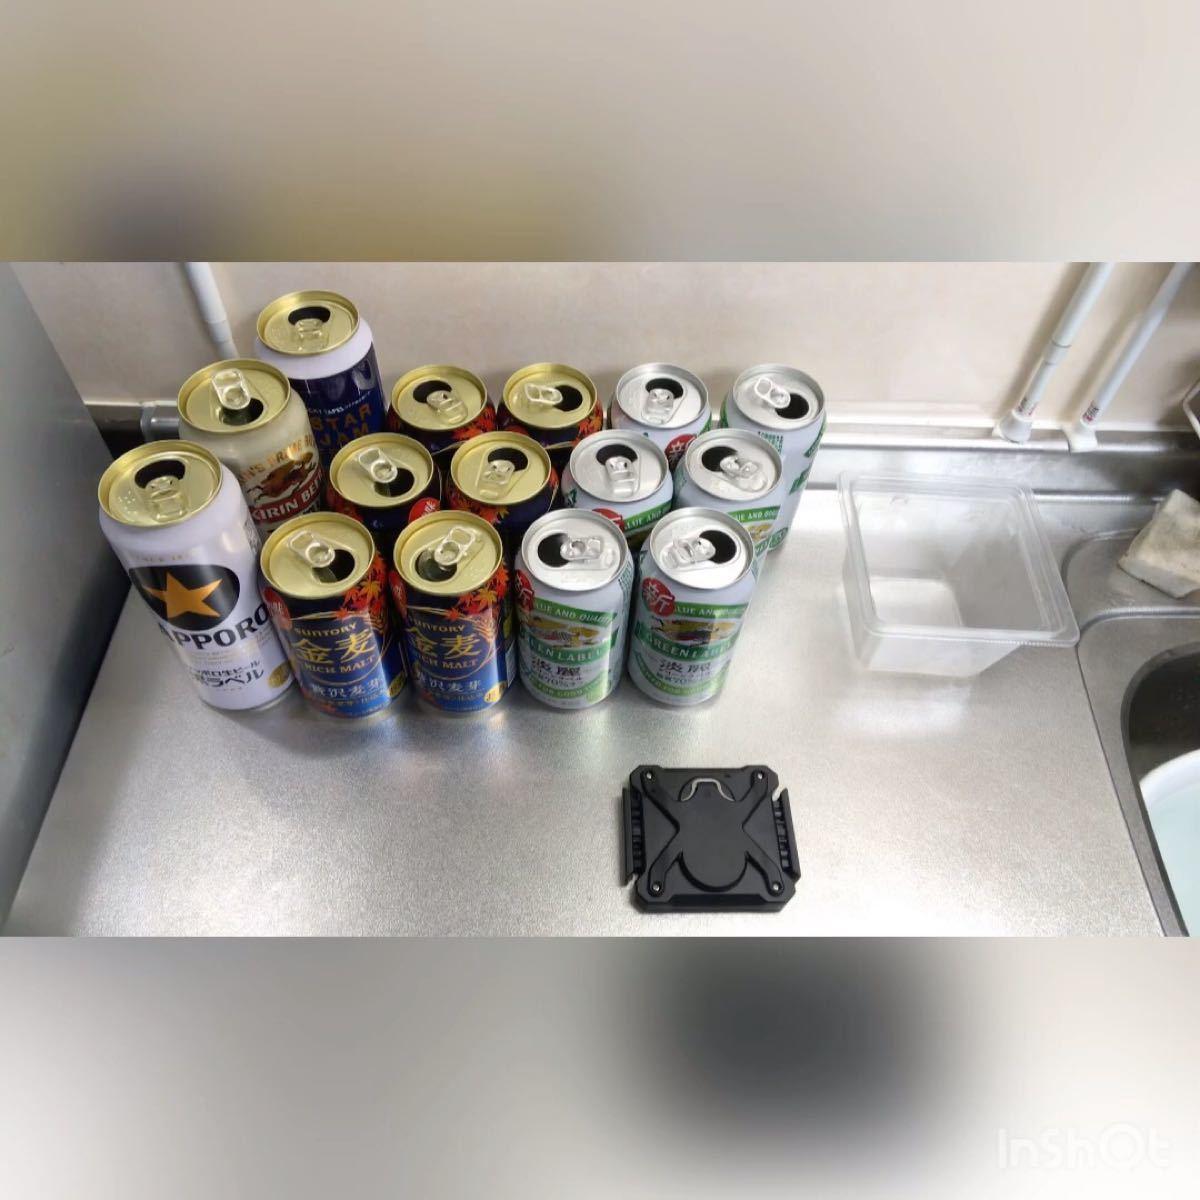 新品未使用 オープナー 2in1 手動 缶切り 蓋開け 缶詰め開け 栓抜き 日本の缶専用 キャンプ大活躍 大人気商品